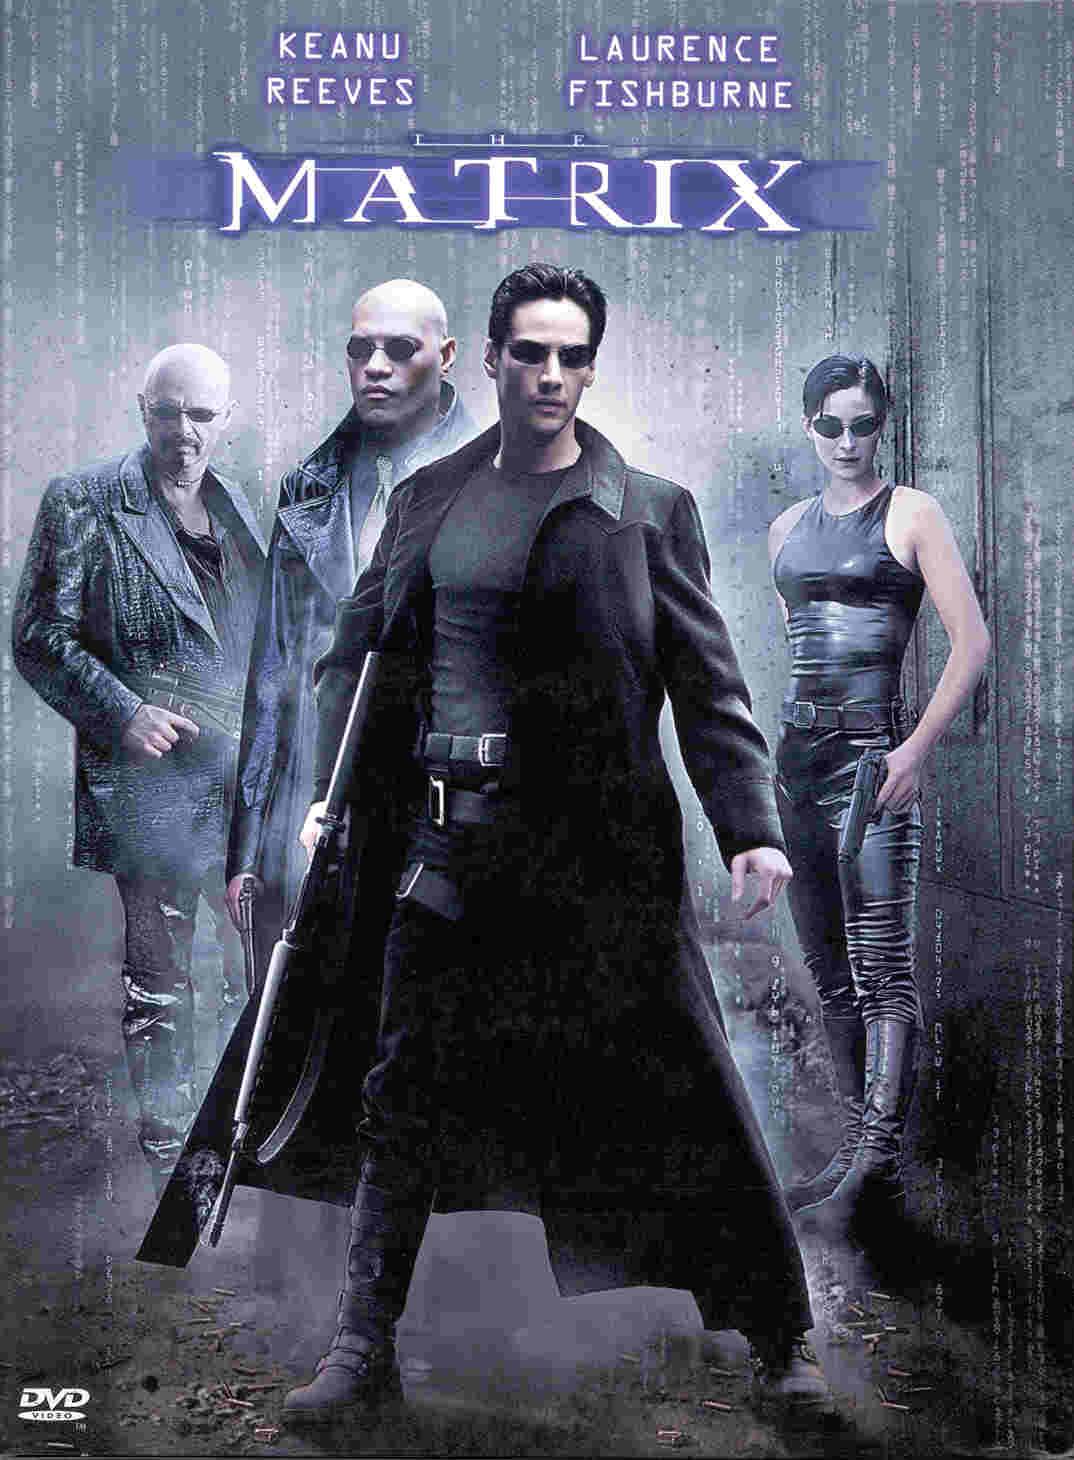 http://4.bp.blogspot.com/_MC9XvQiuf24/TAnX4dqD8UI/AAAAAAAAKQQ/6JY0dCu6lu4/s1600/matrix.jpg